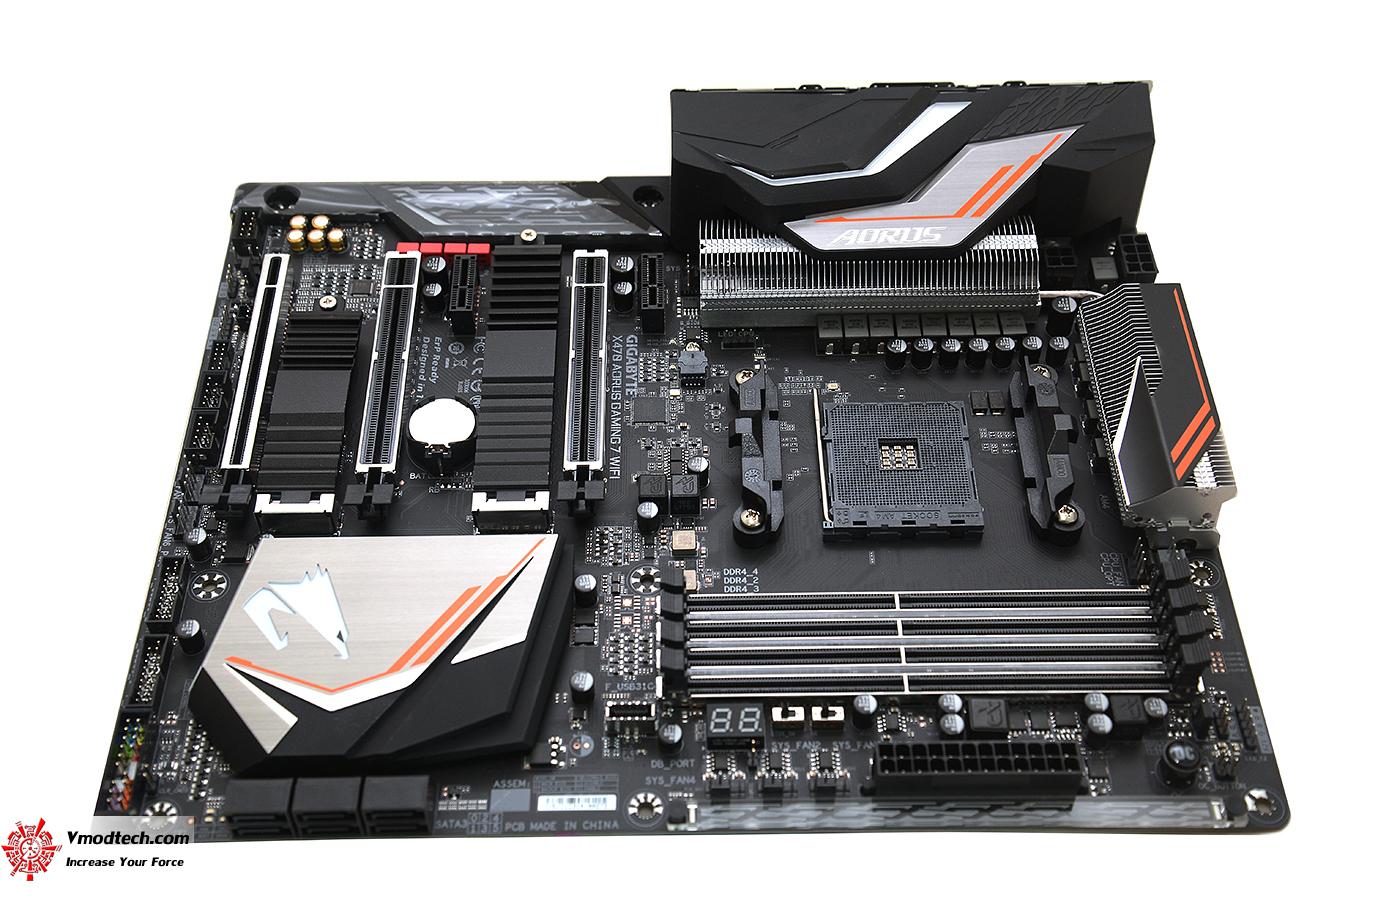 dsc 1315 AMD RYZEN 7 2700X PROCESSOR REVIEW